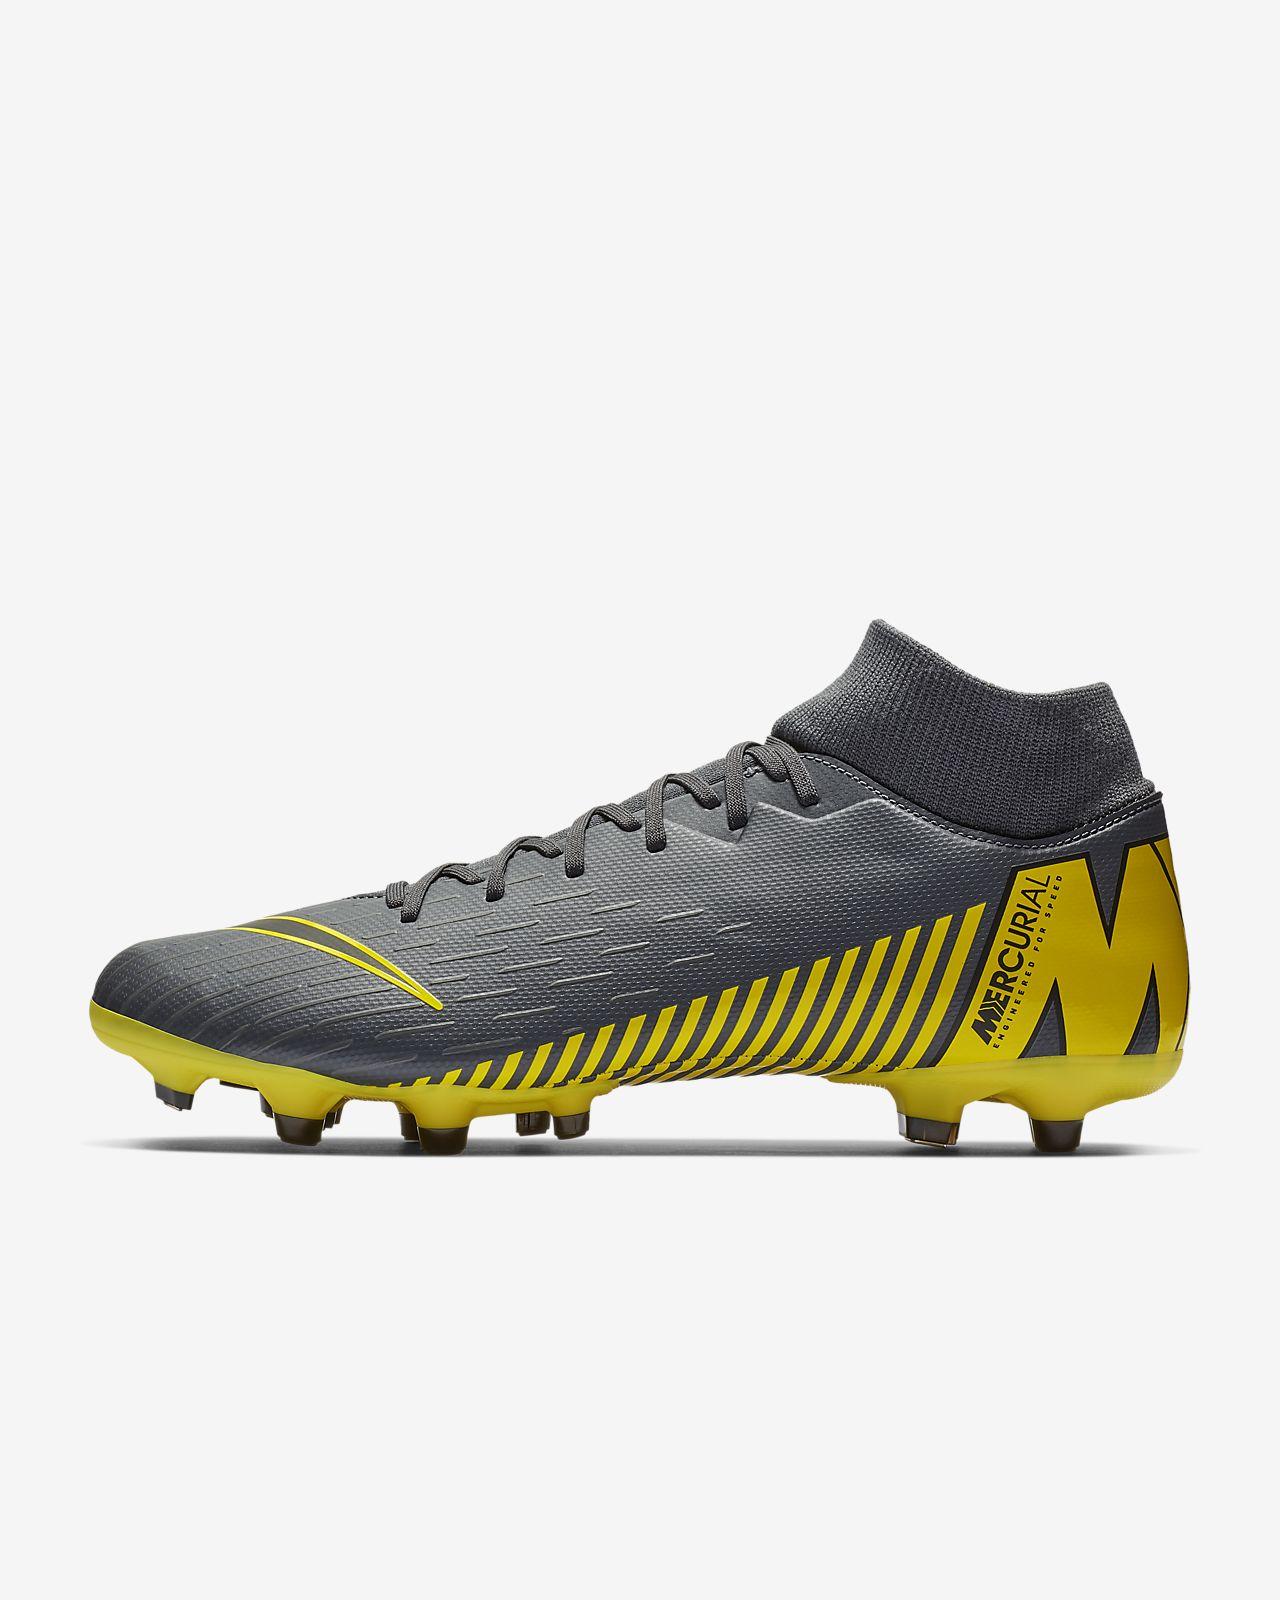 best sneakers d4f83 d36e3 ... Fotbollssko för varierat underlag Nike Mercurial Superfly 6 Academy MG  för män